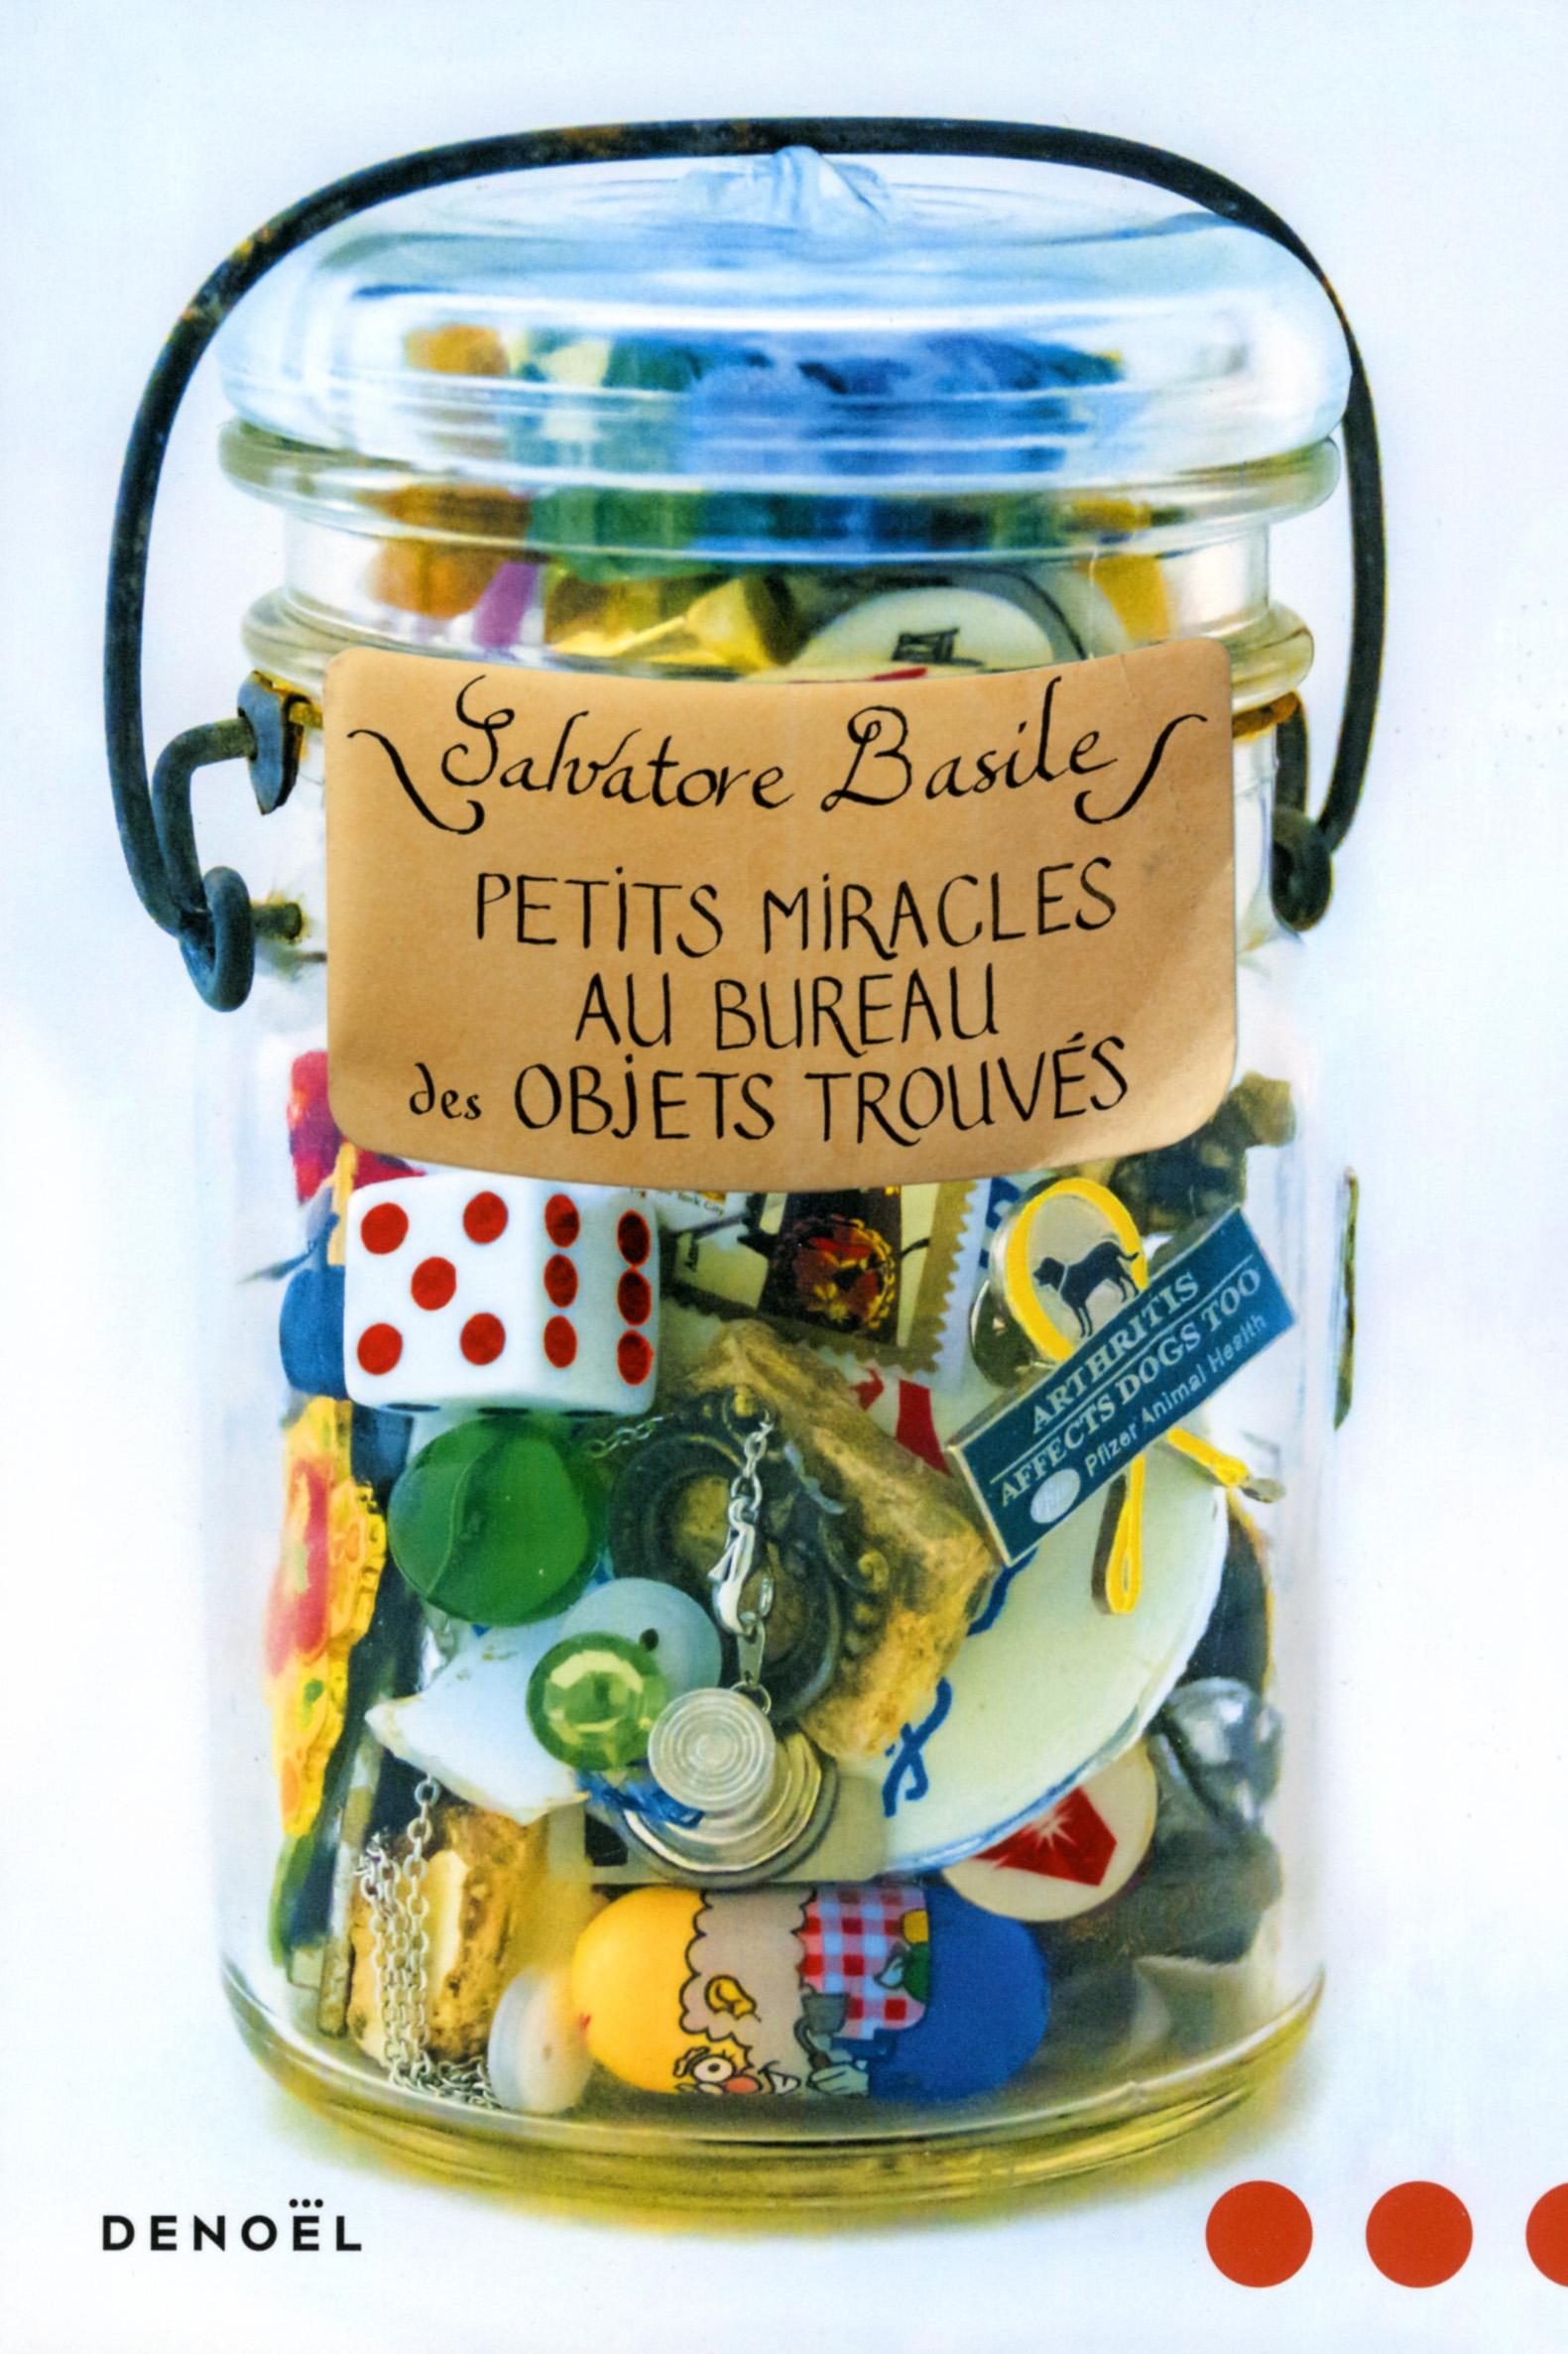 Petits miracles au bureau des objets trouvés | Salvatore, Basile